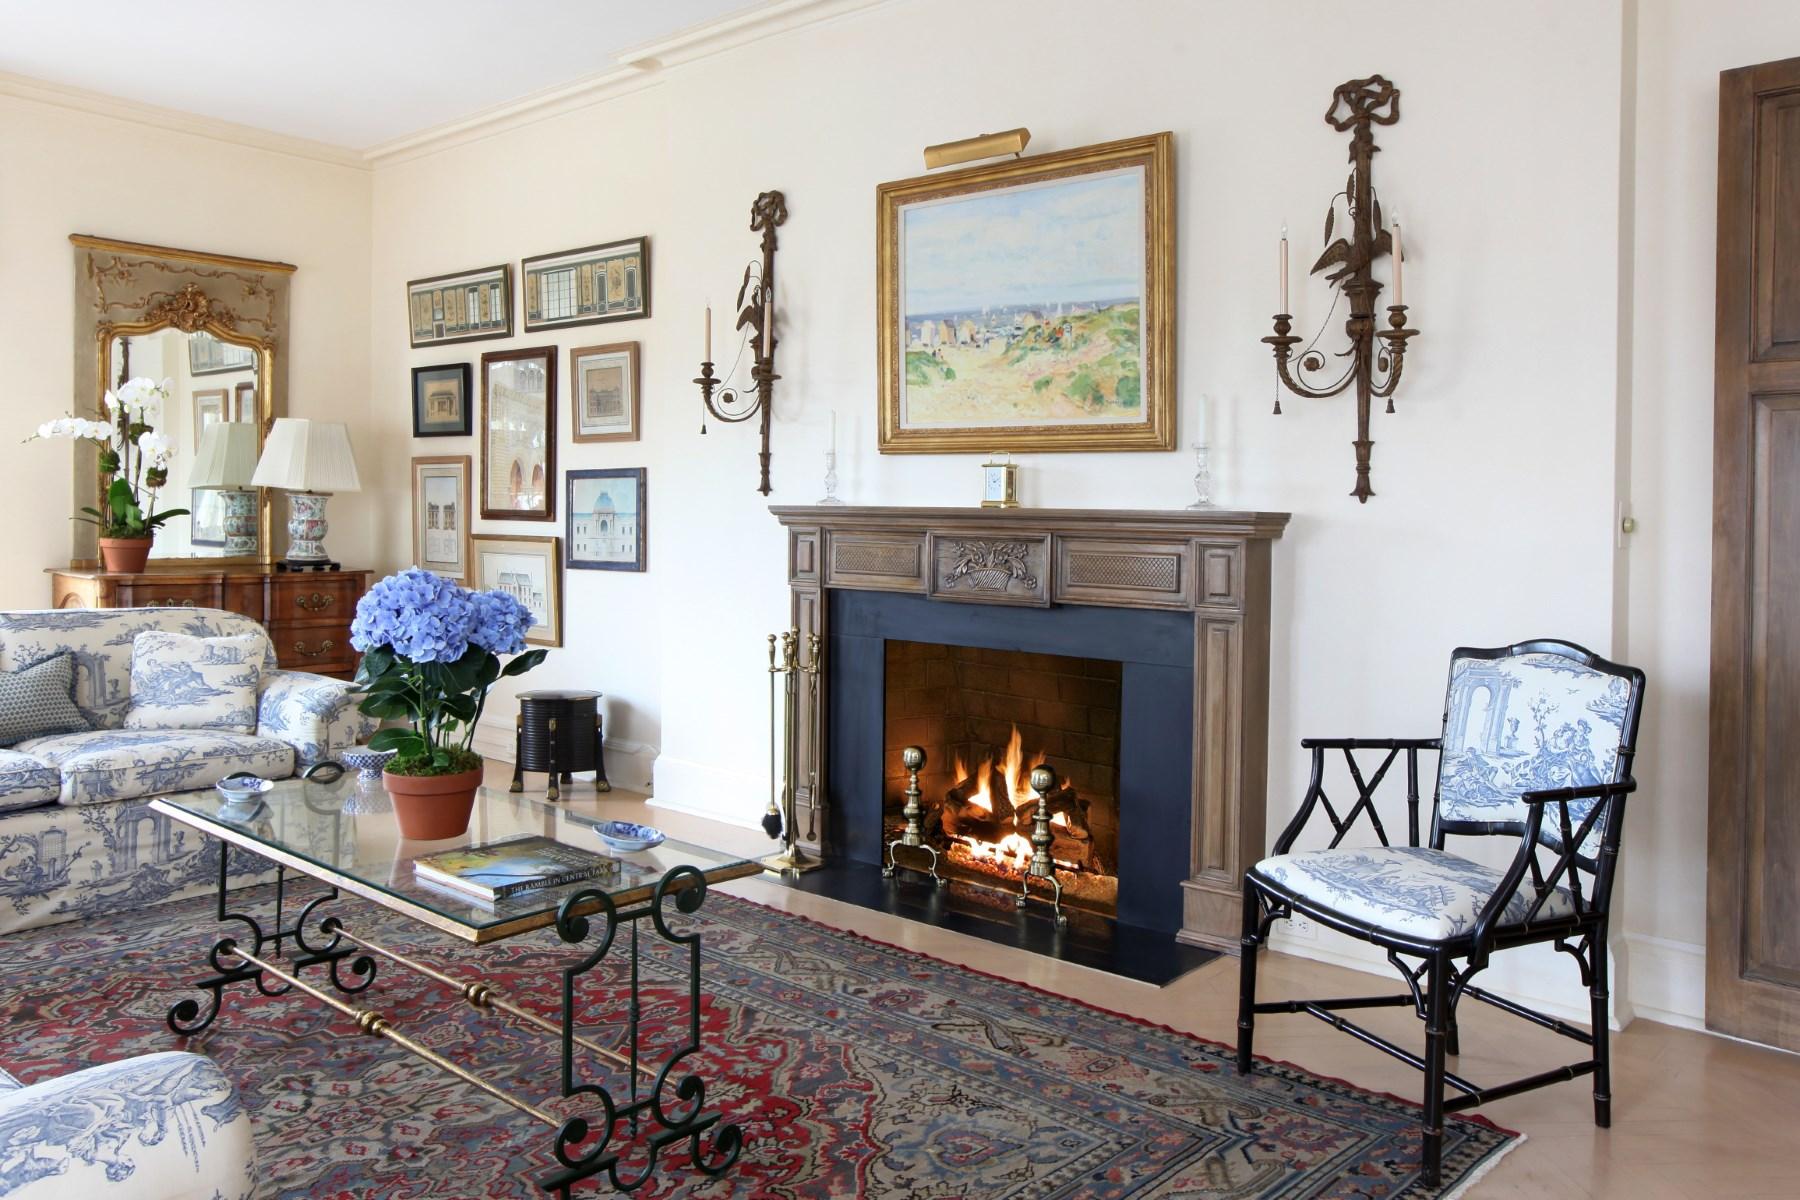 Кооперативная квартира для того Продажа на 920 Fifth Avenue, Apartment 14B 920 Fifth Avenue Apt 14B Upper East Side, New York, Нью-Йорк, 10021 Соединенные Штаты